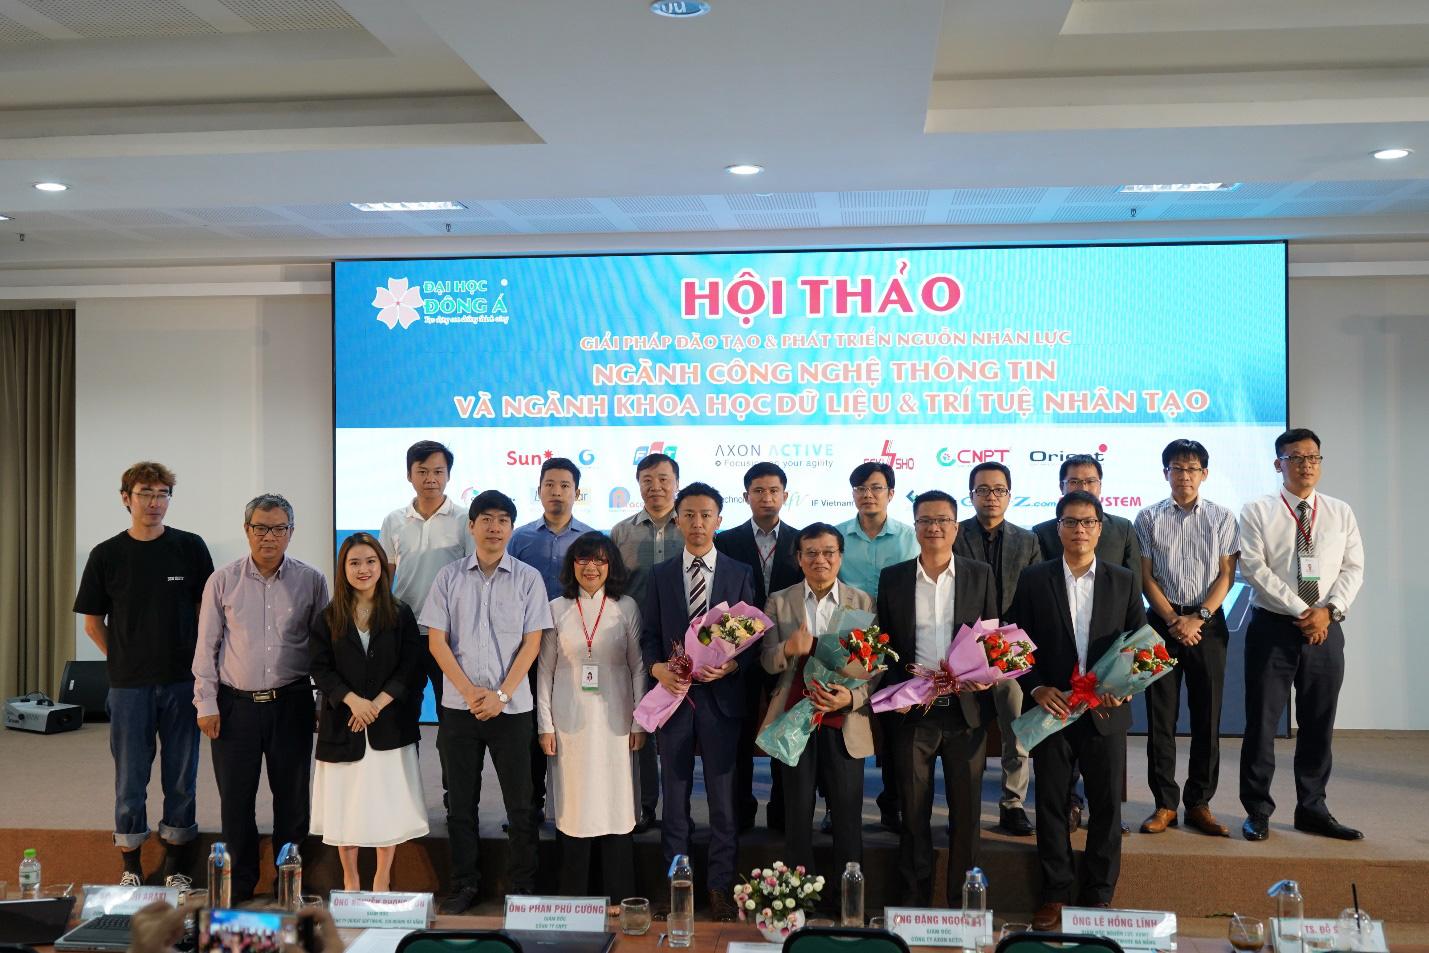 Đại học Đông Á: Hàng ngàn việc làm trong và ngoài nước dành cho sinh viên - Ảnh 2.